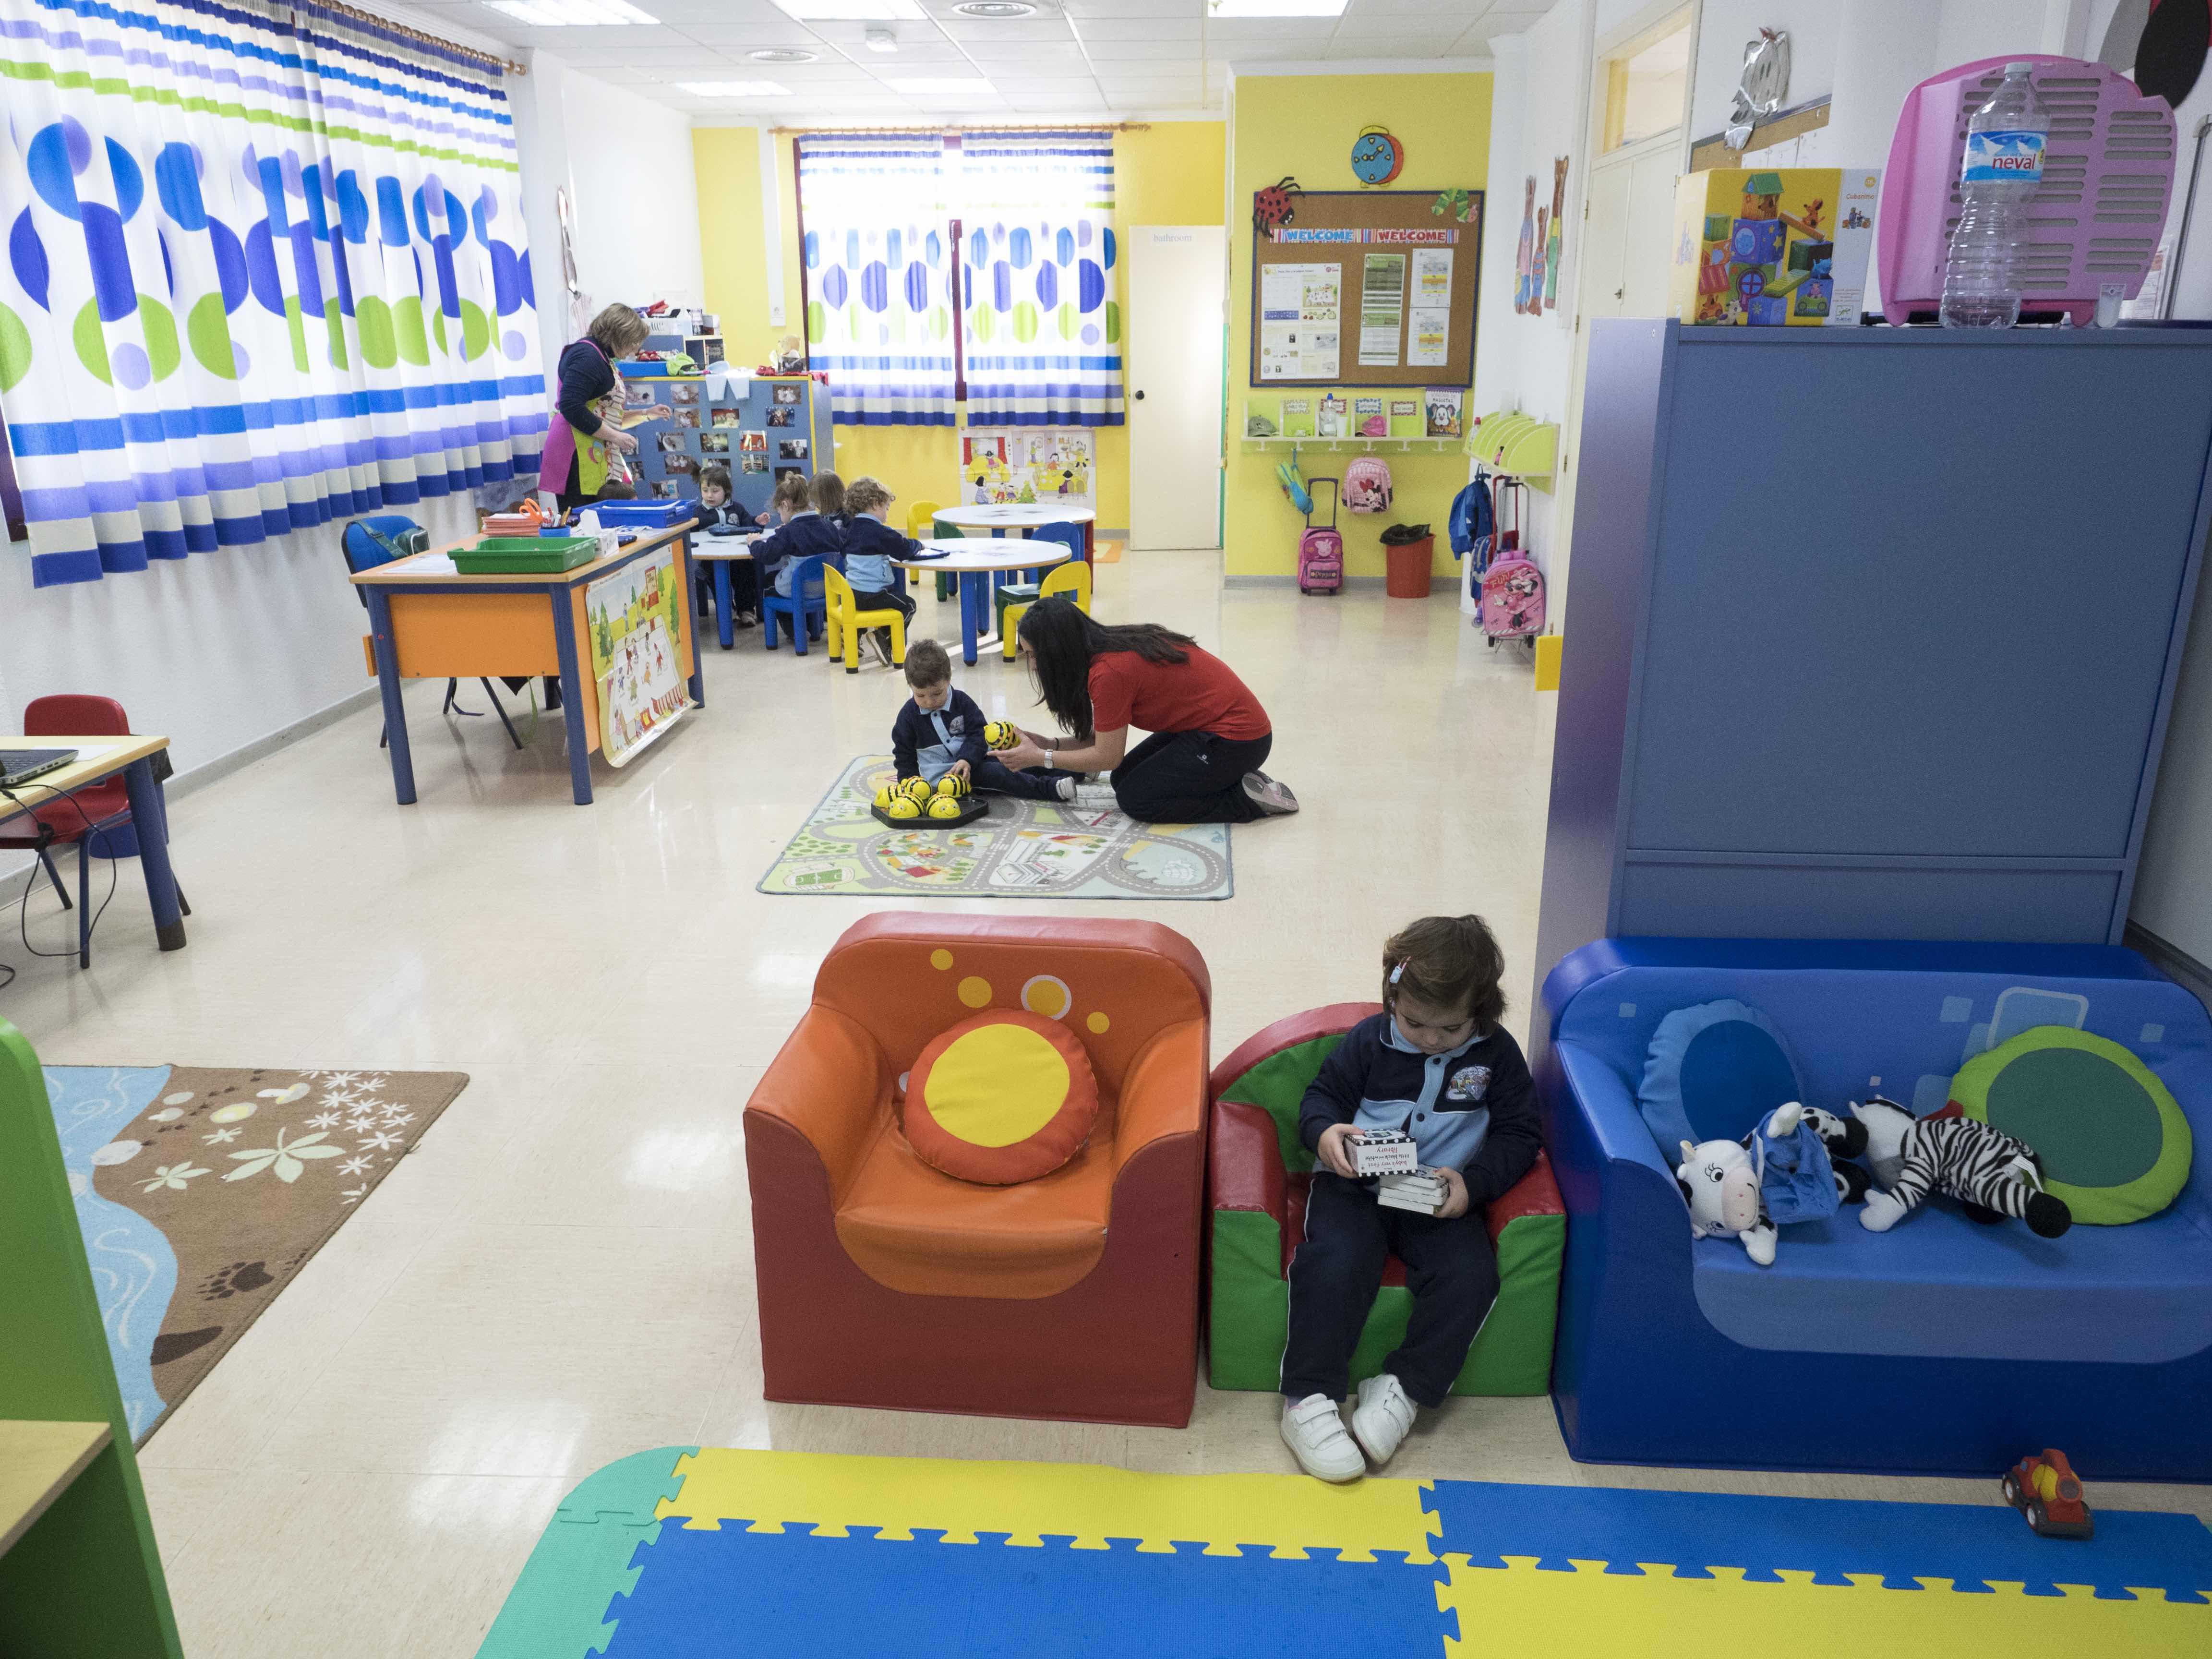 escuela infantil almería